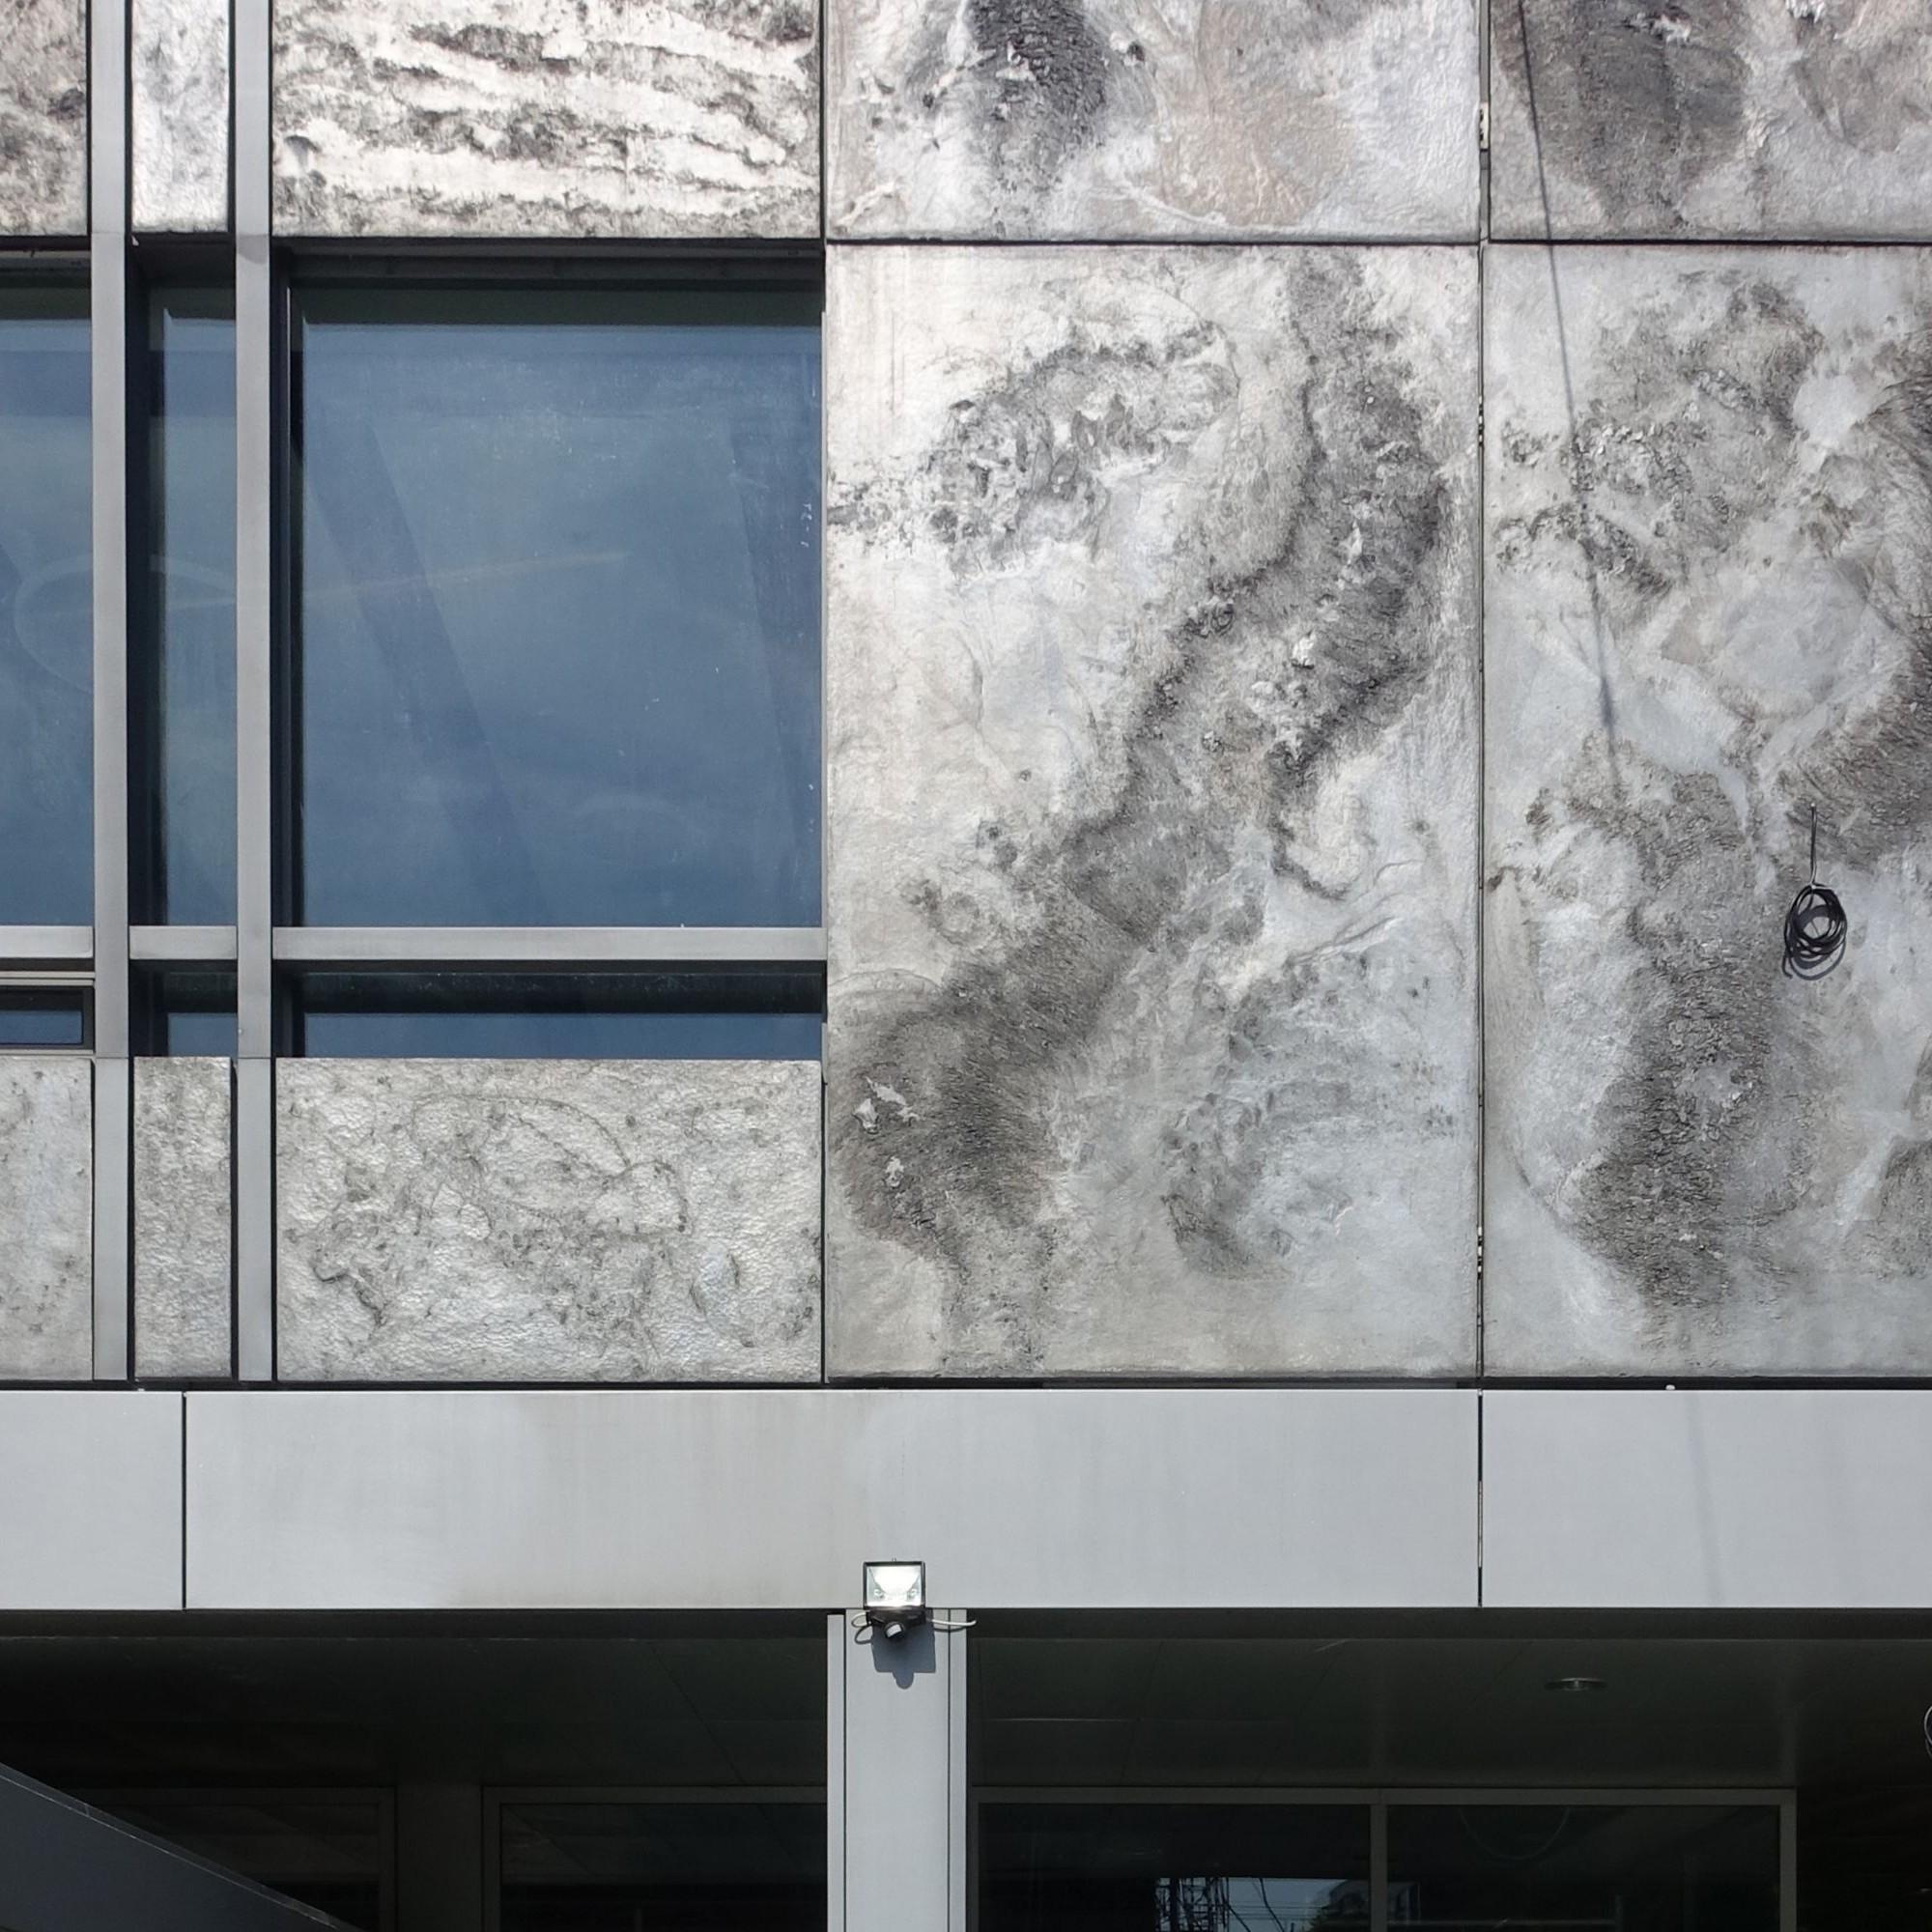 Die Rohaluminiumplatten erinnern an Mondlandschaften und ergänzen das rational aufgebaute Gebäude mit einem dekorativen Element.